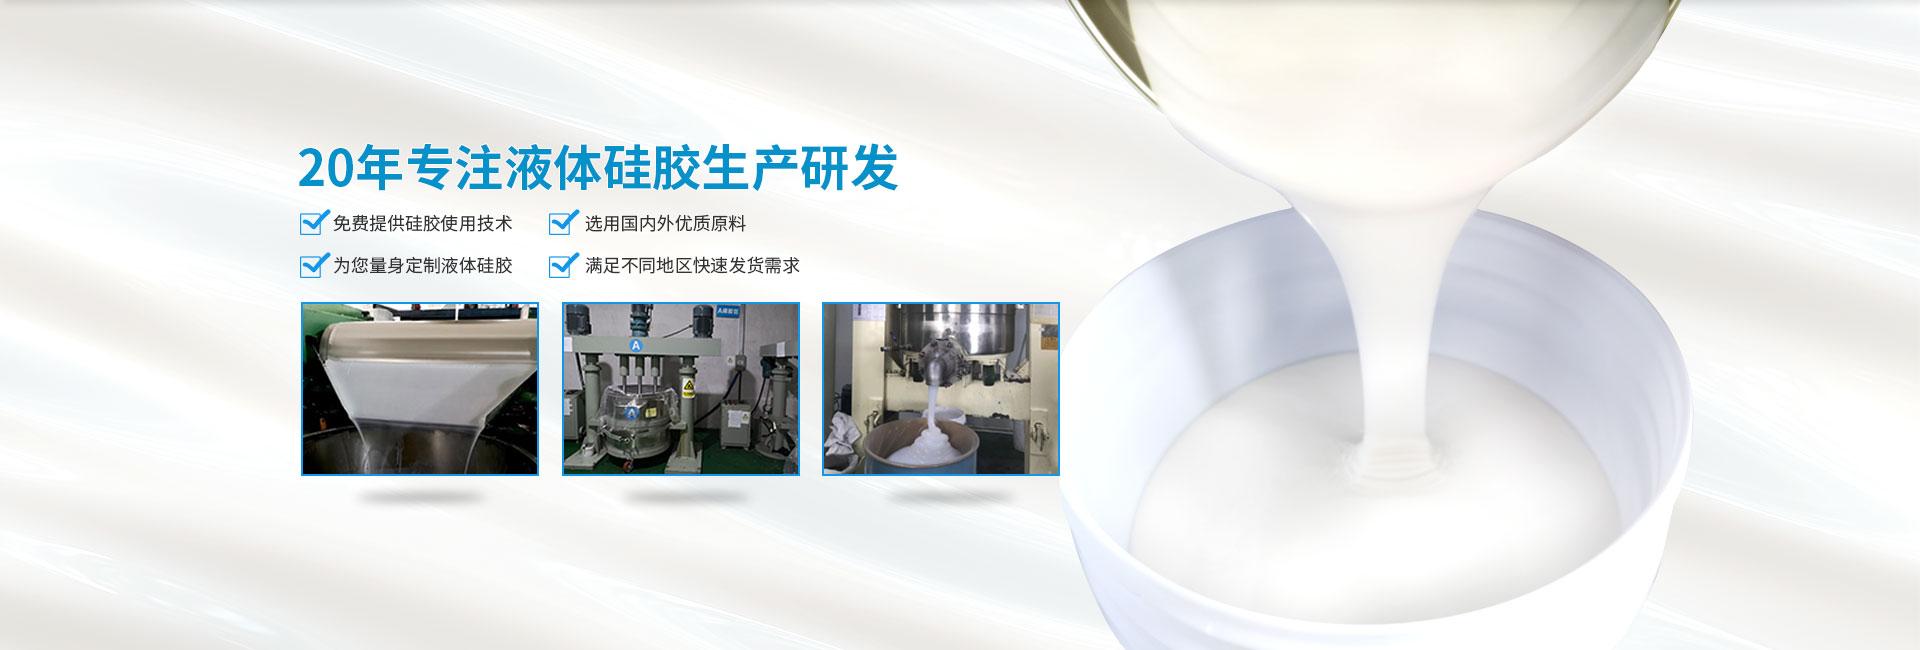 液体硅胶,食品级硅胶,人体硅橡胶厂家